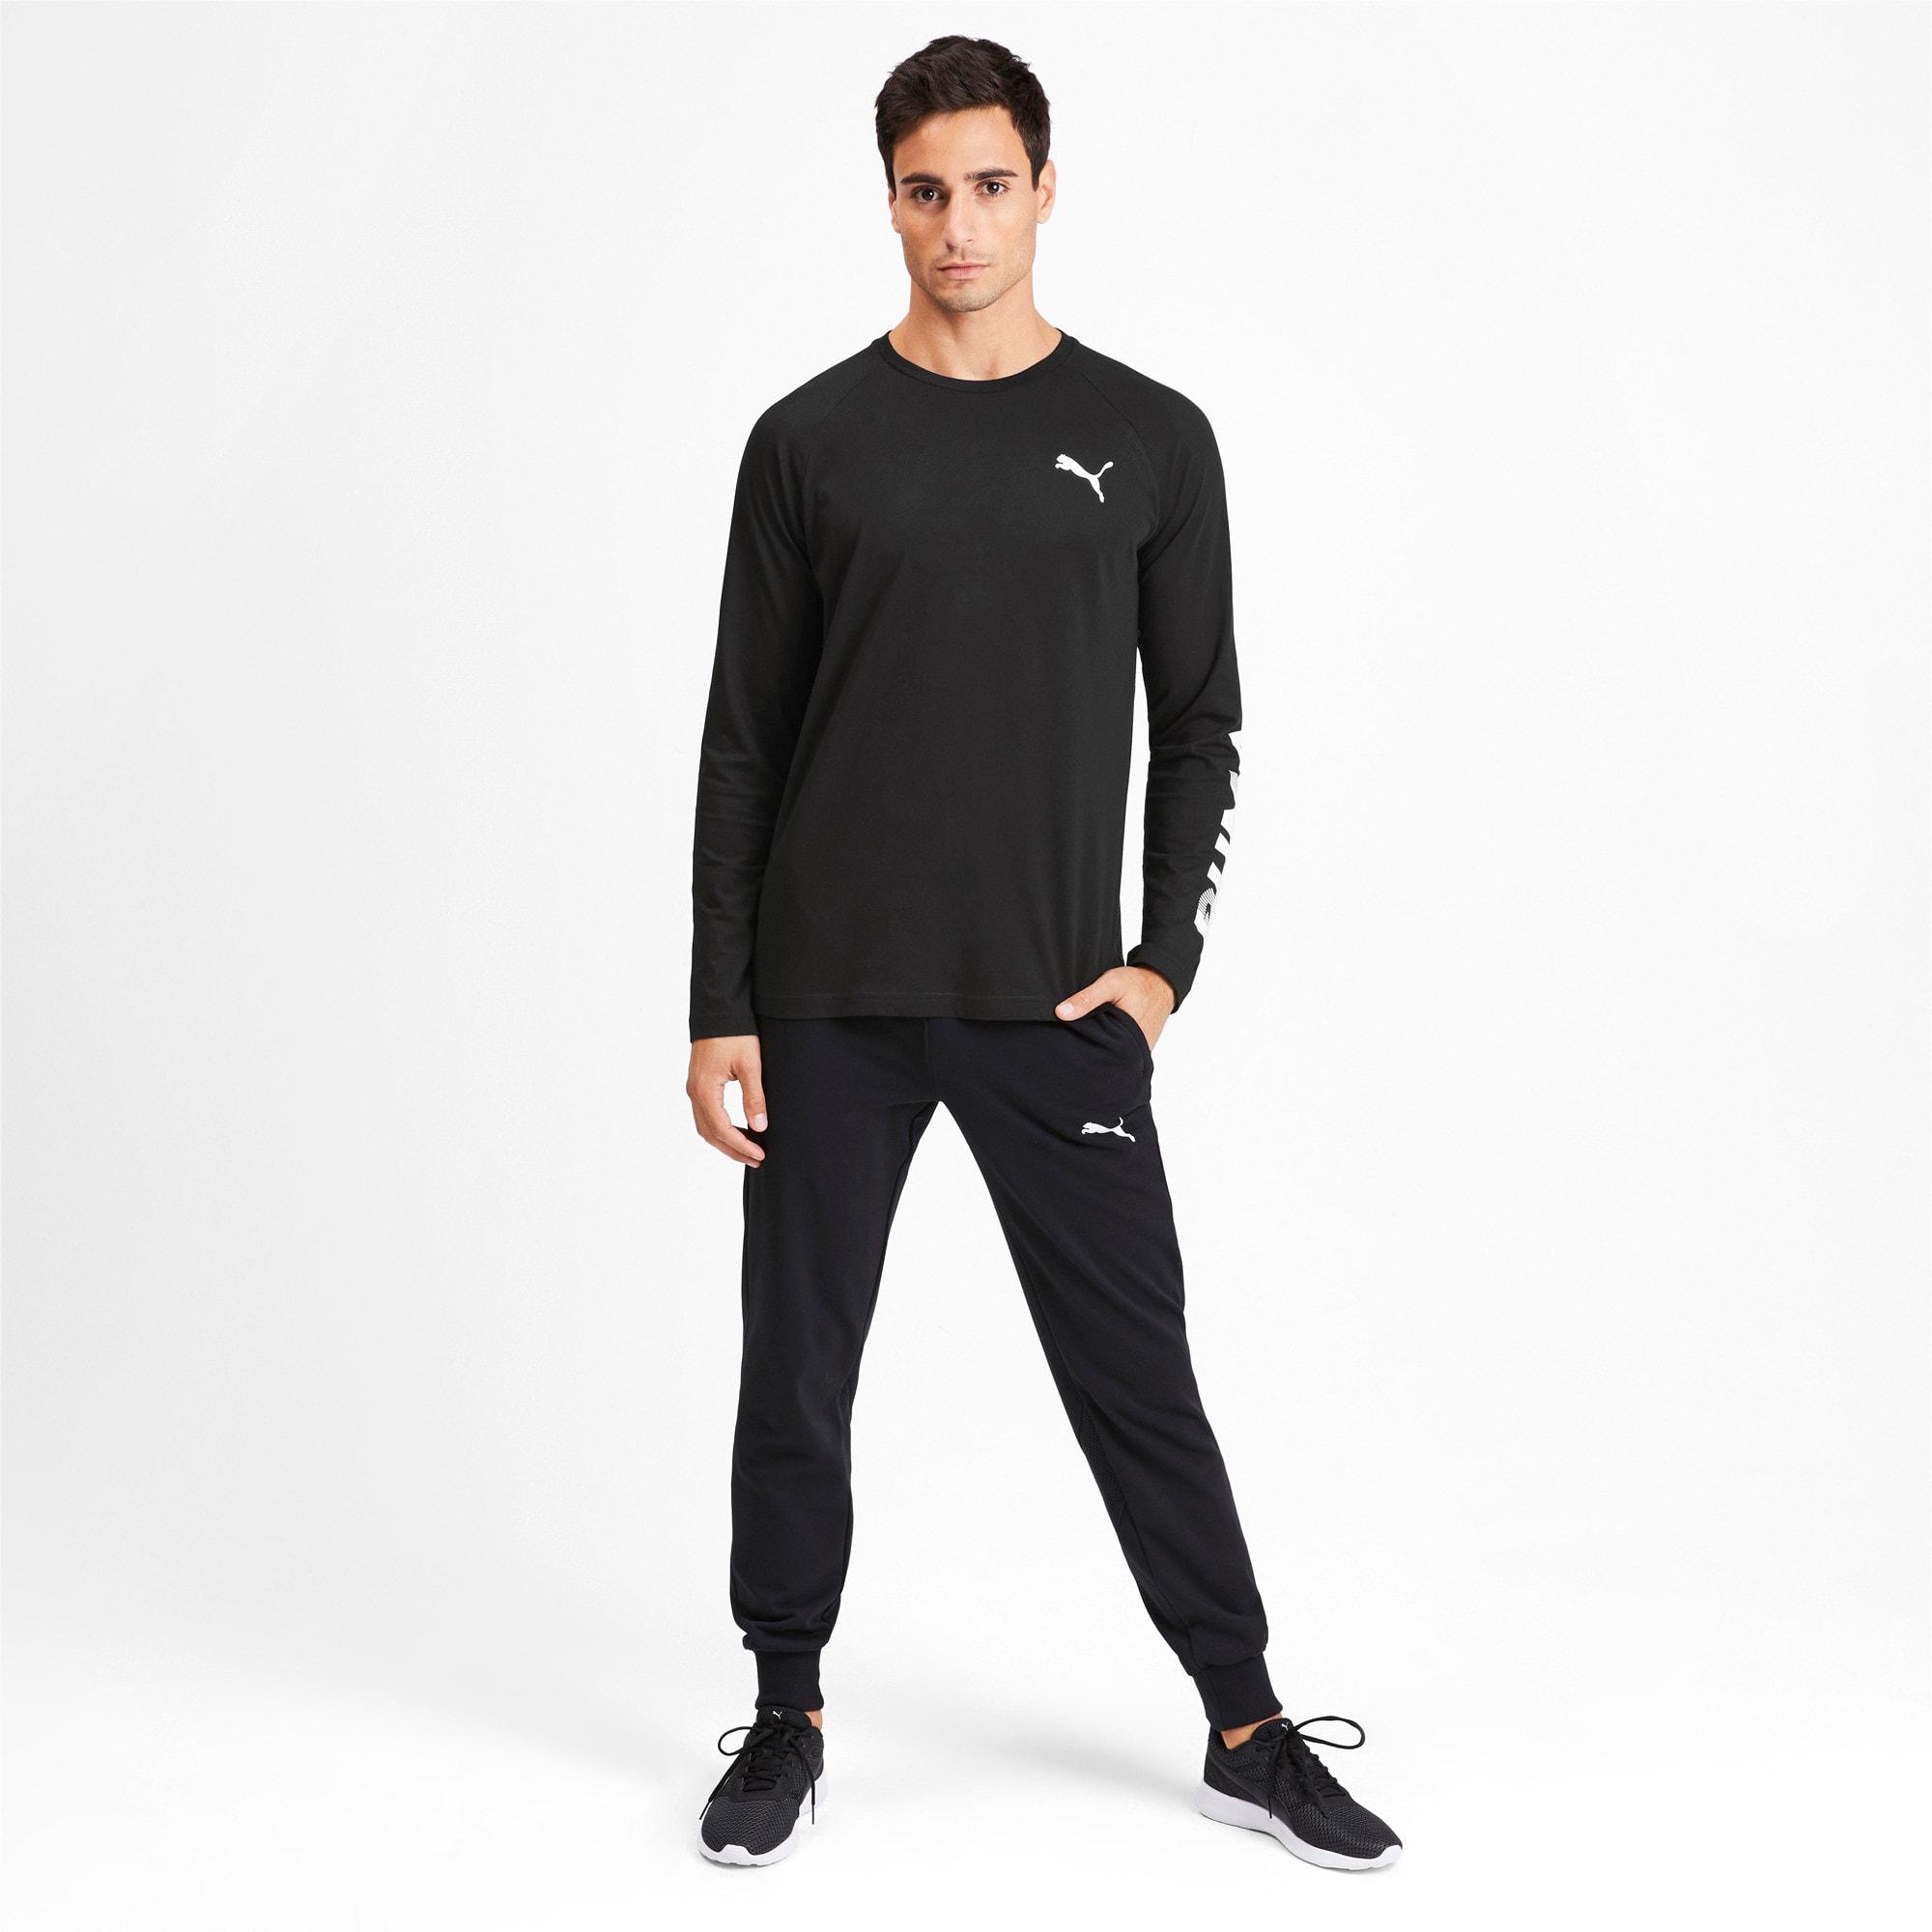 Miniatura 4 de Camiseta de mangas largas Modern Sports para hombre, Puma Black, mediano